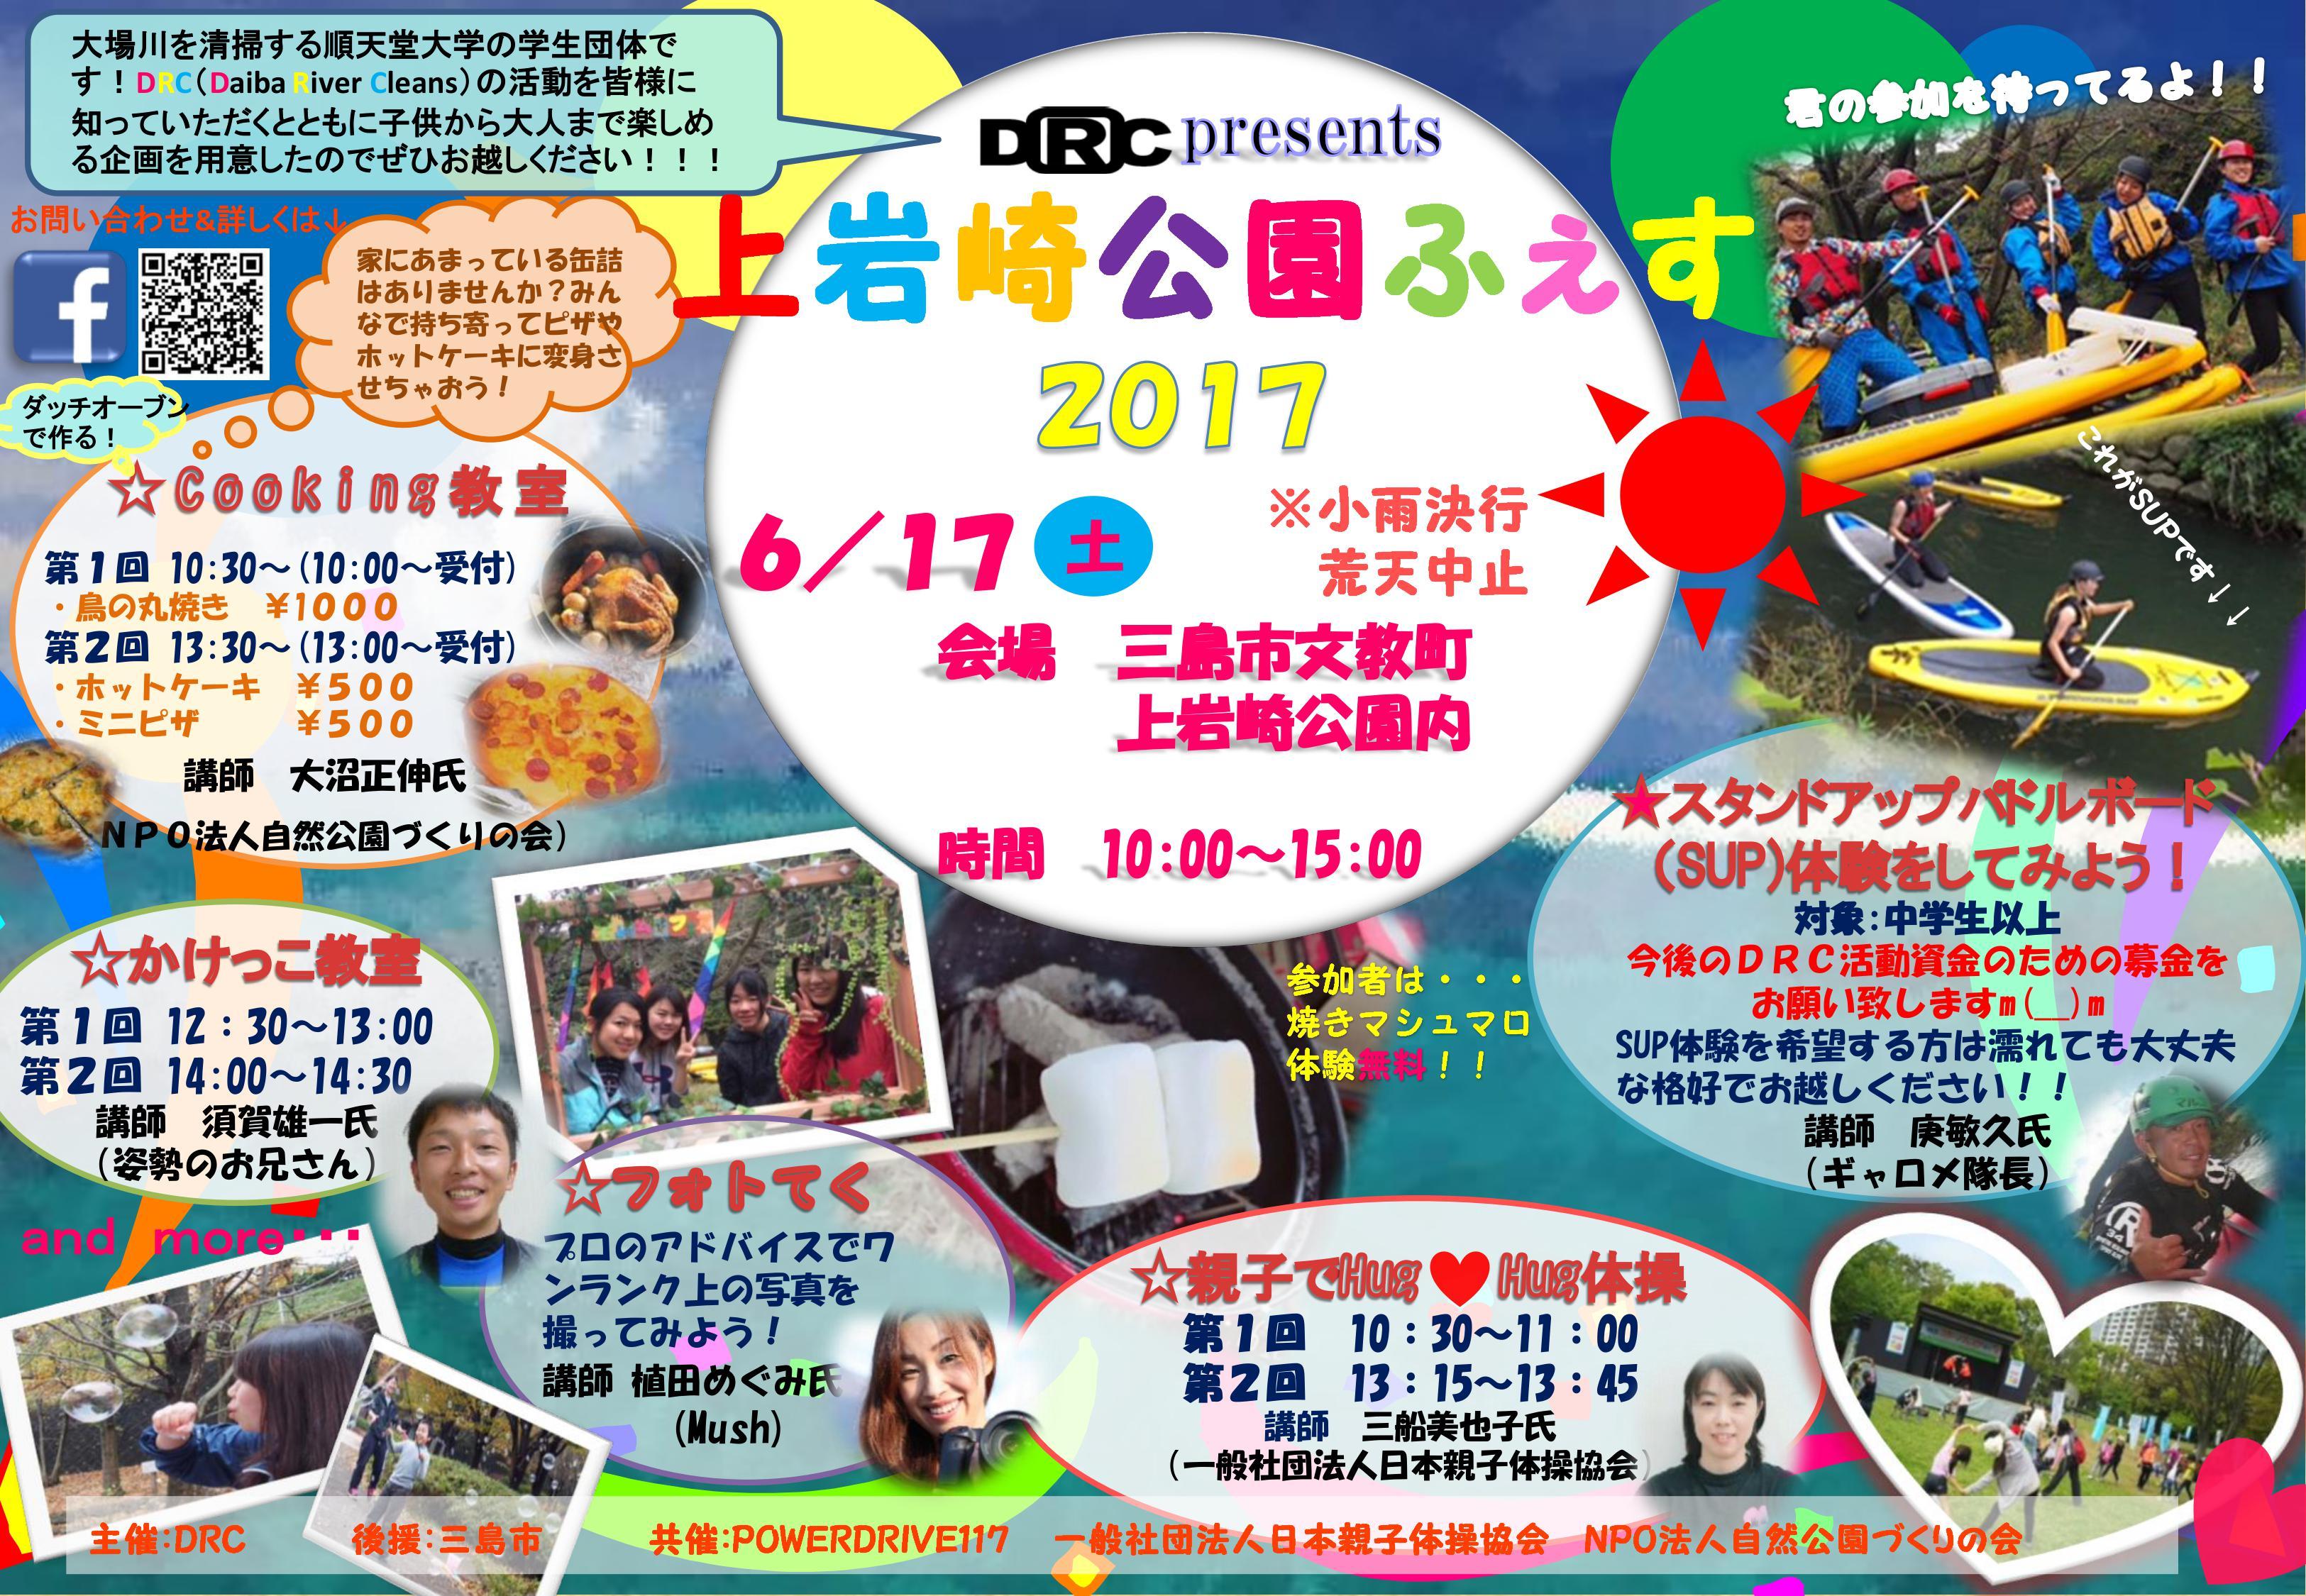 大人も楽し♡ 上岩崎公園 ふぇす2017